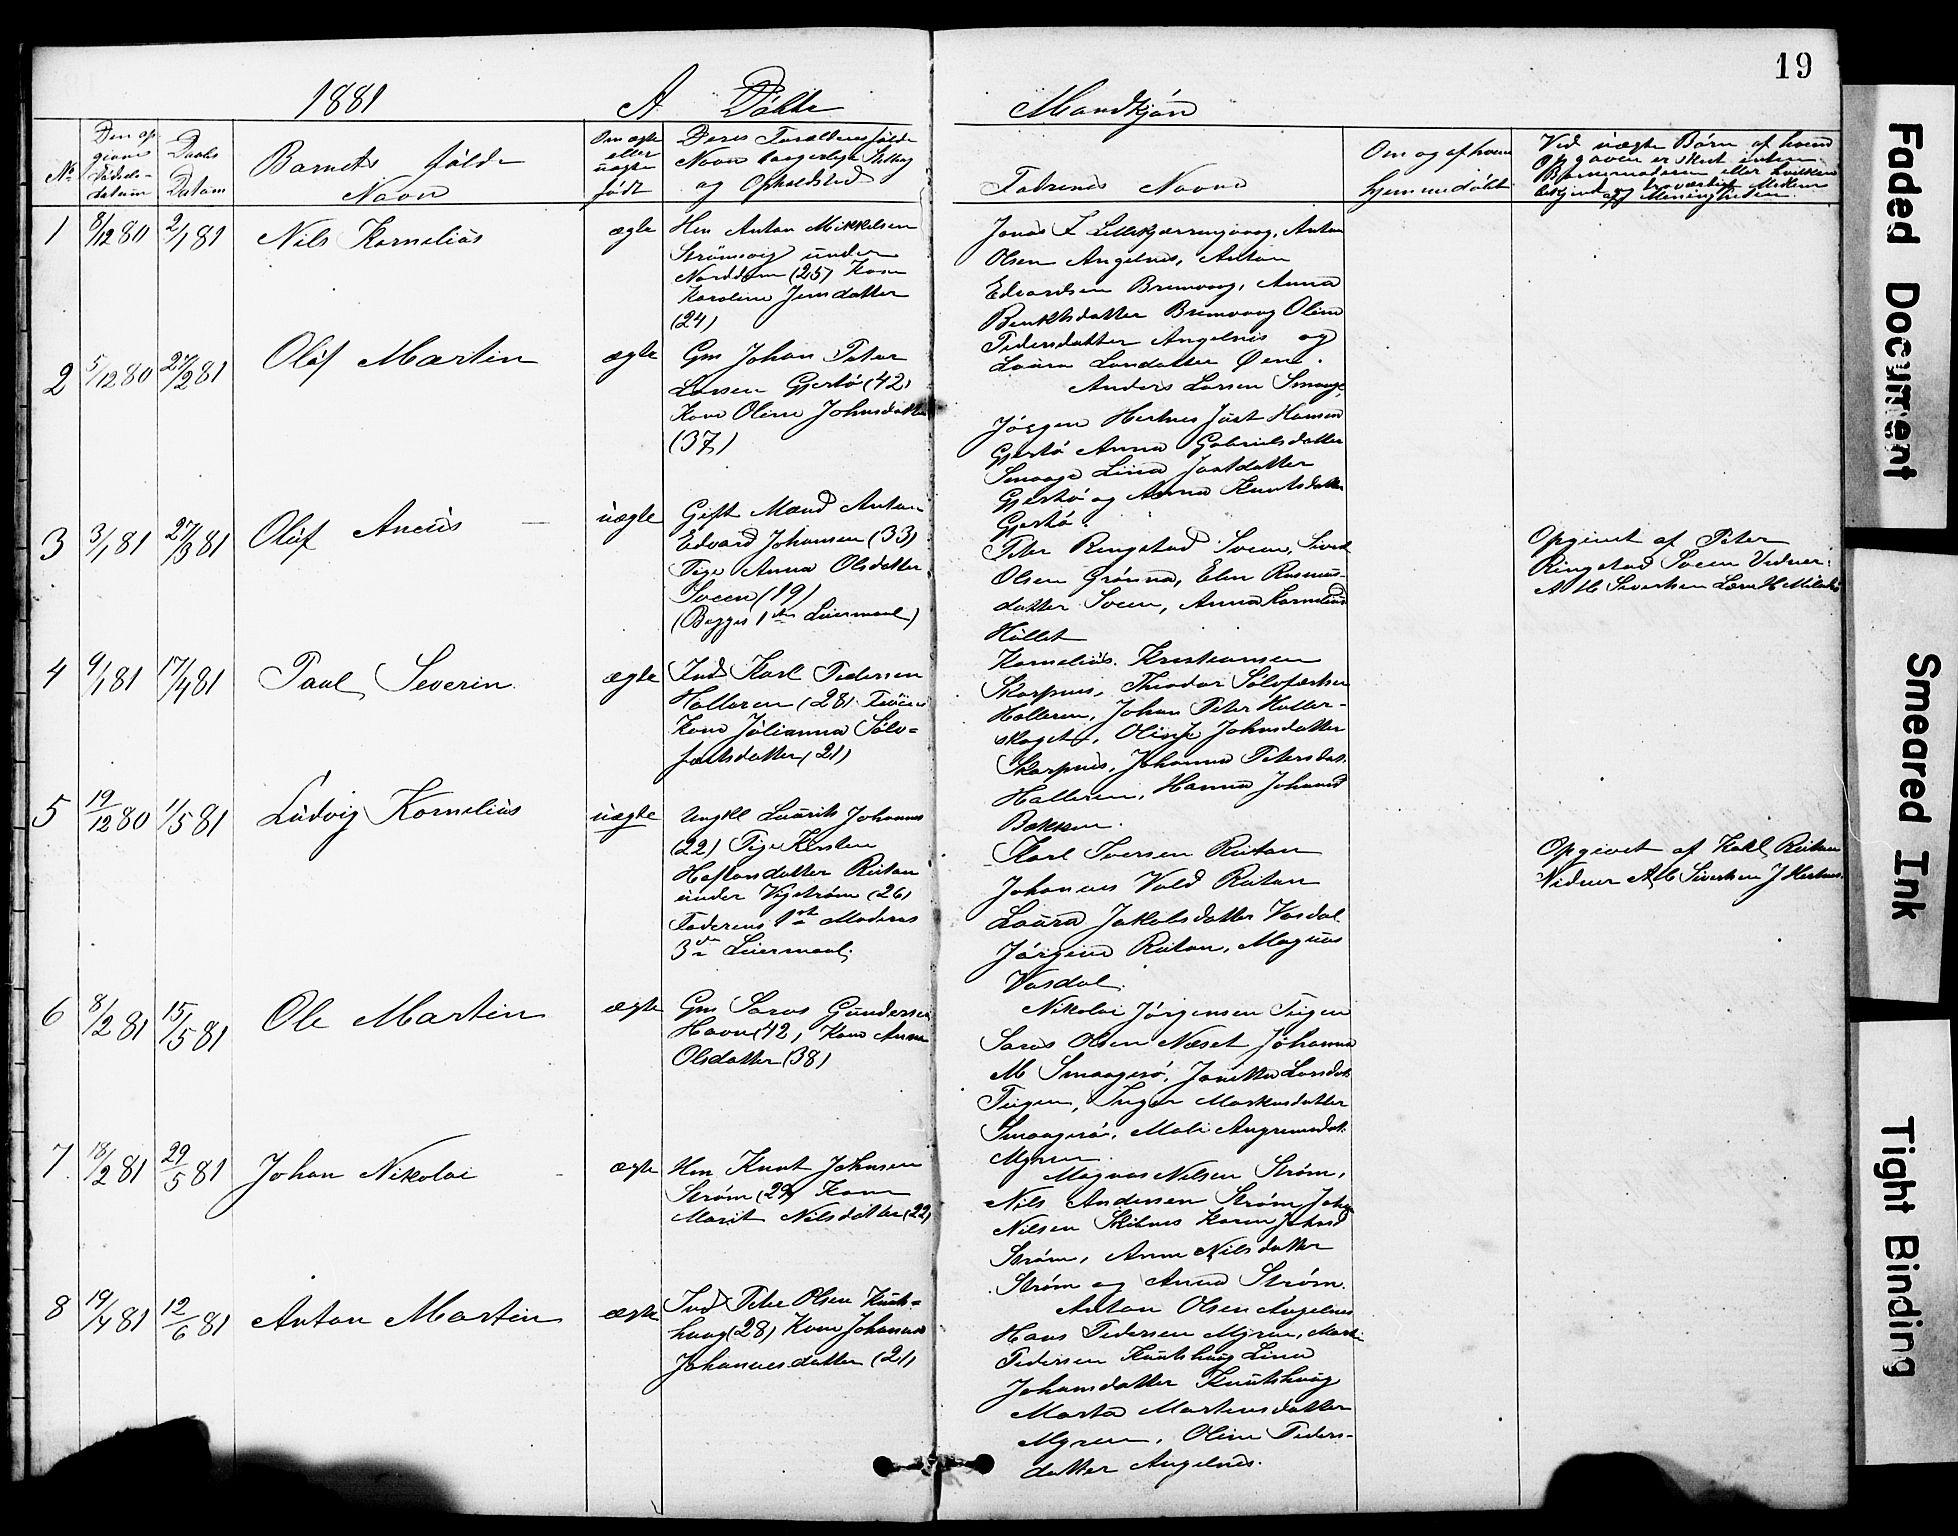 SAT, Ministerialprotokoller, klokkerbøker og fødselsregistre - Sør-Trøndelag, 634/L0541: Klokkerbok nr. 634C03, 1874-1891, s. 19